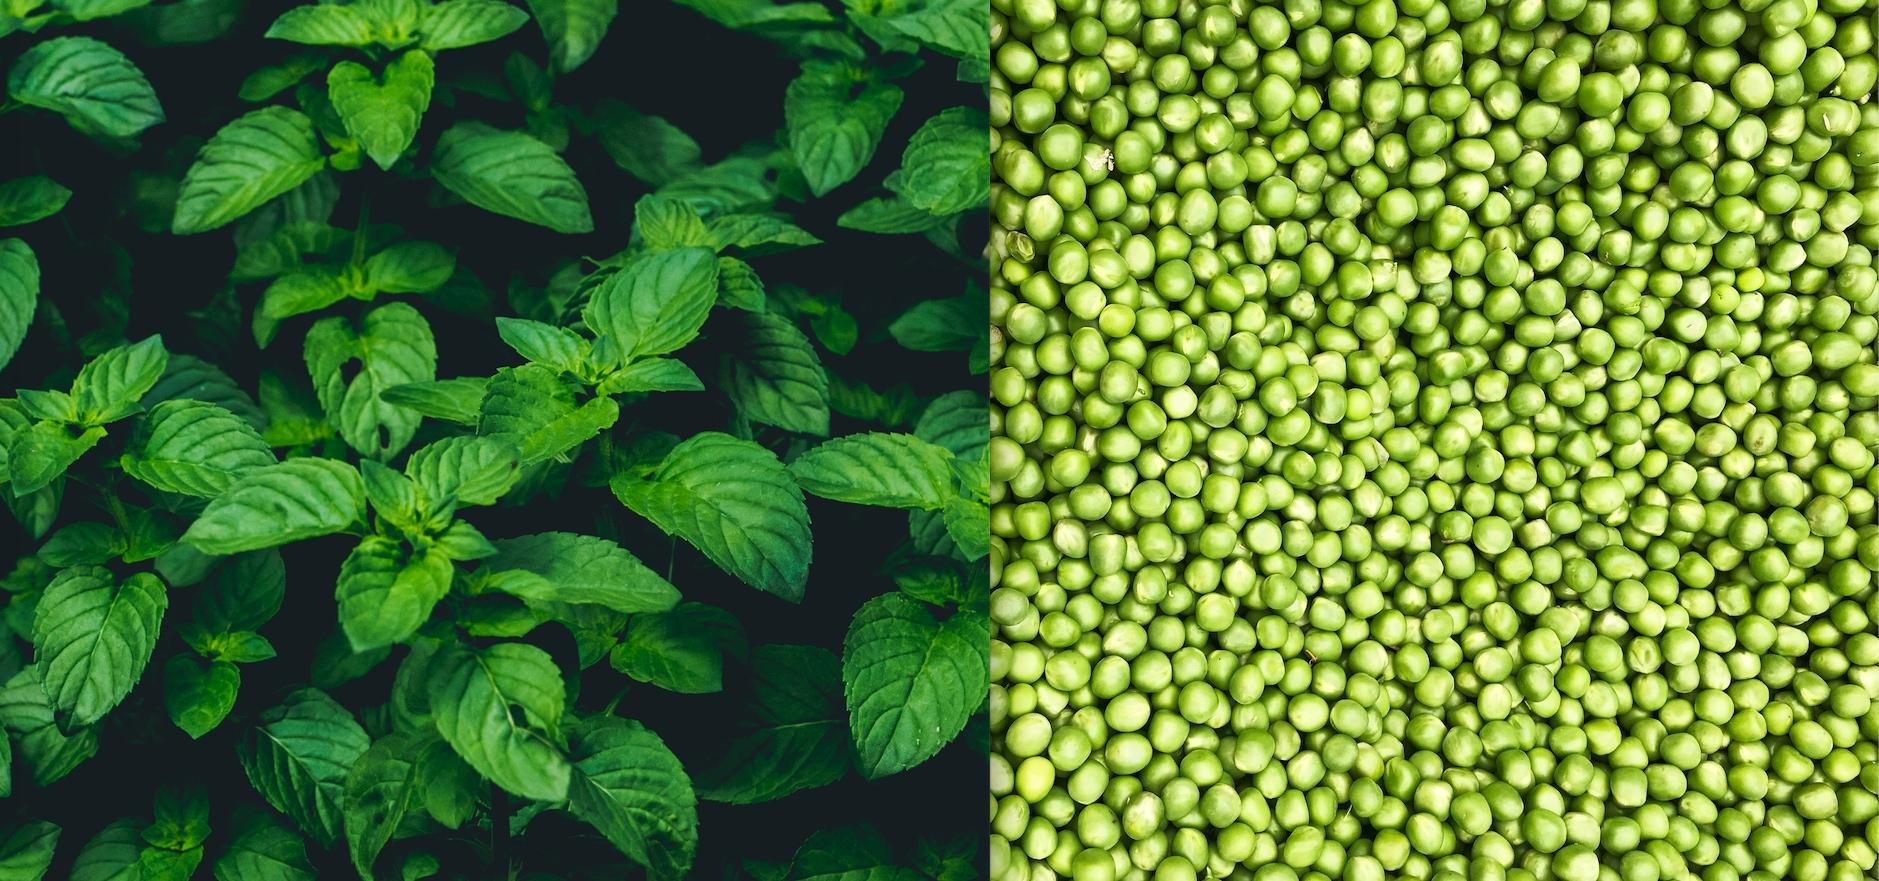 Peas Photo by  Rebecca Orlov | Orlov Design Co  on  Unsplash  +  Mint Photo by Marko Blažević on Unsplash